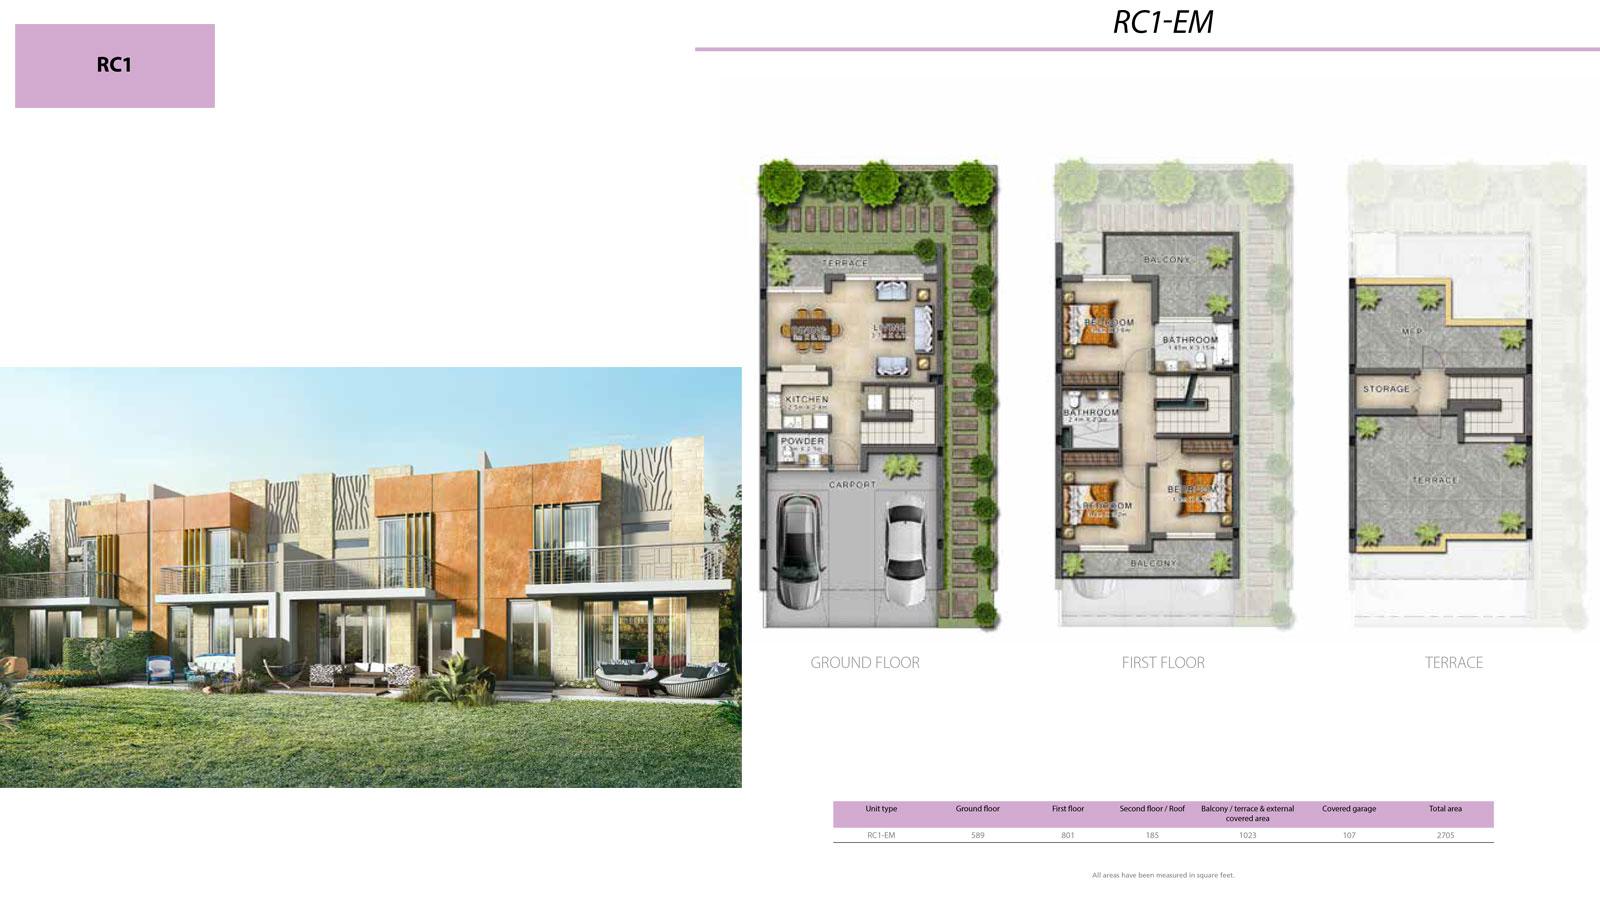 3 BR RC1          (RC1-EM, 3 Bedroom Villa, Size 2705 sq ft)